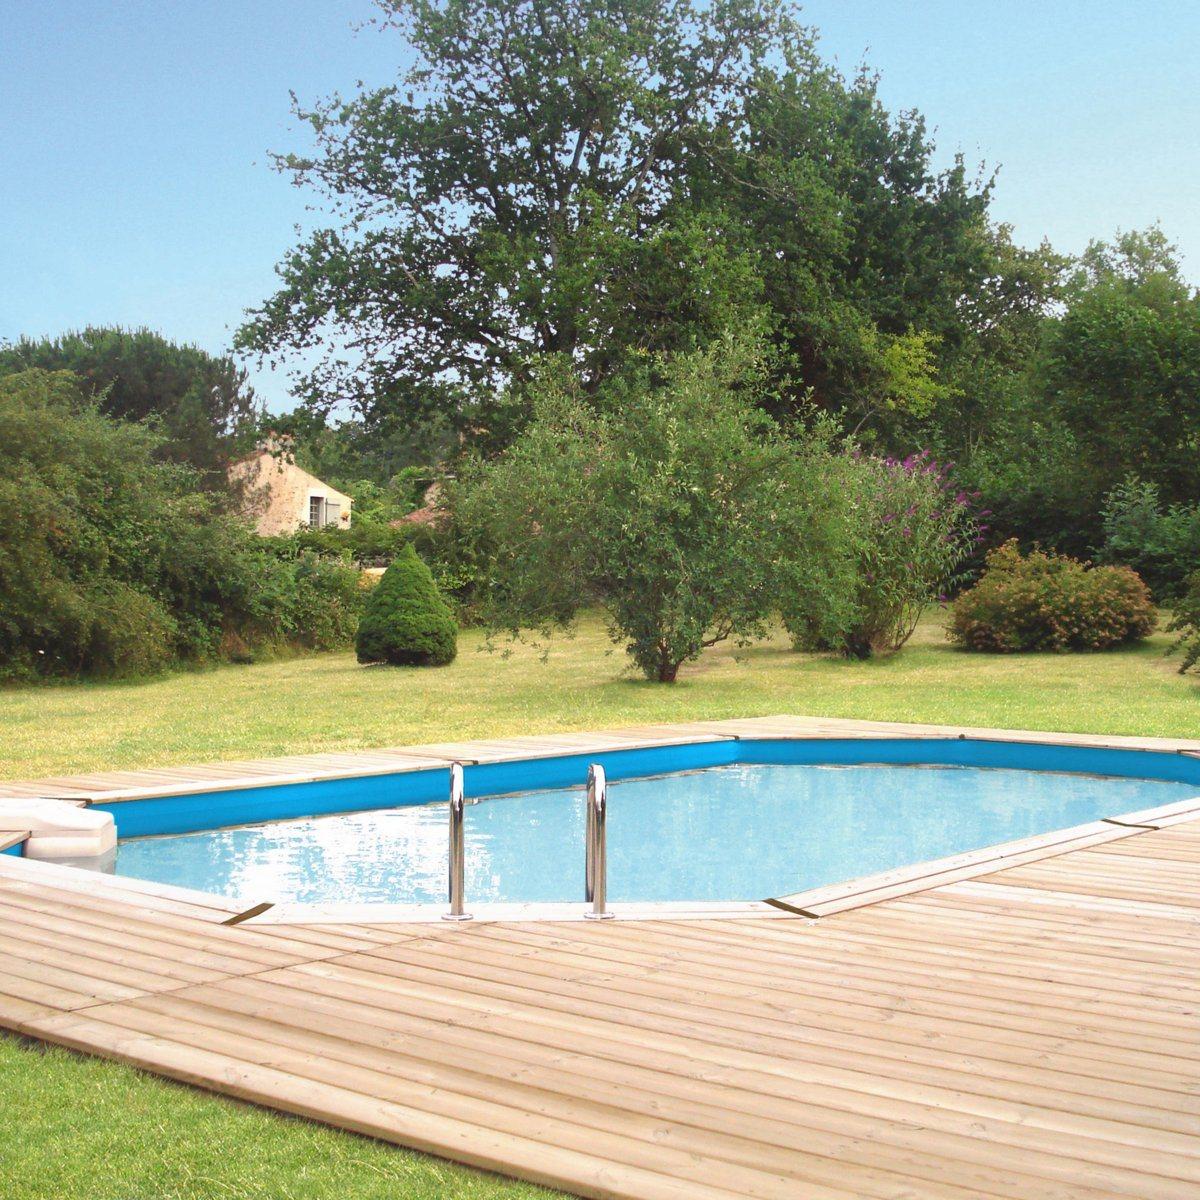 J 39 ai descendu dans mon jardin une piscine dans mon jardin oui mais laquelle for Piscine la redoute